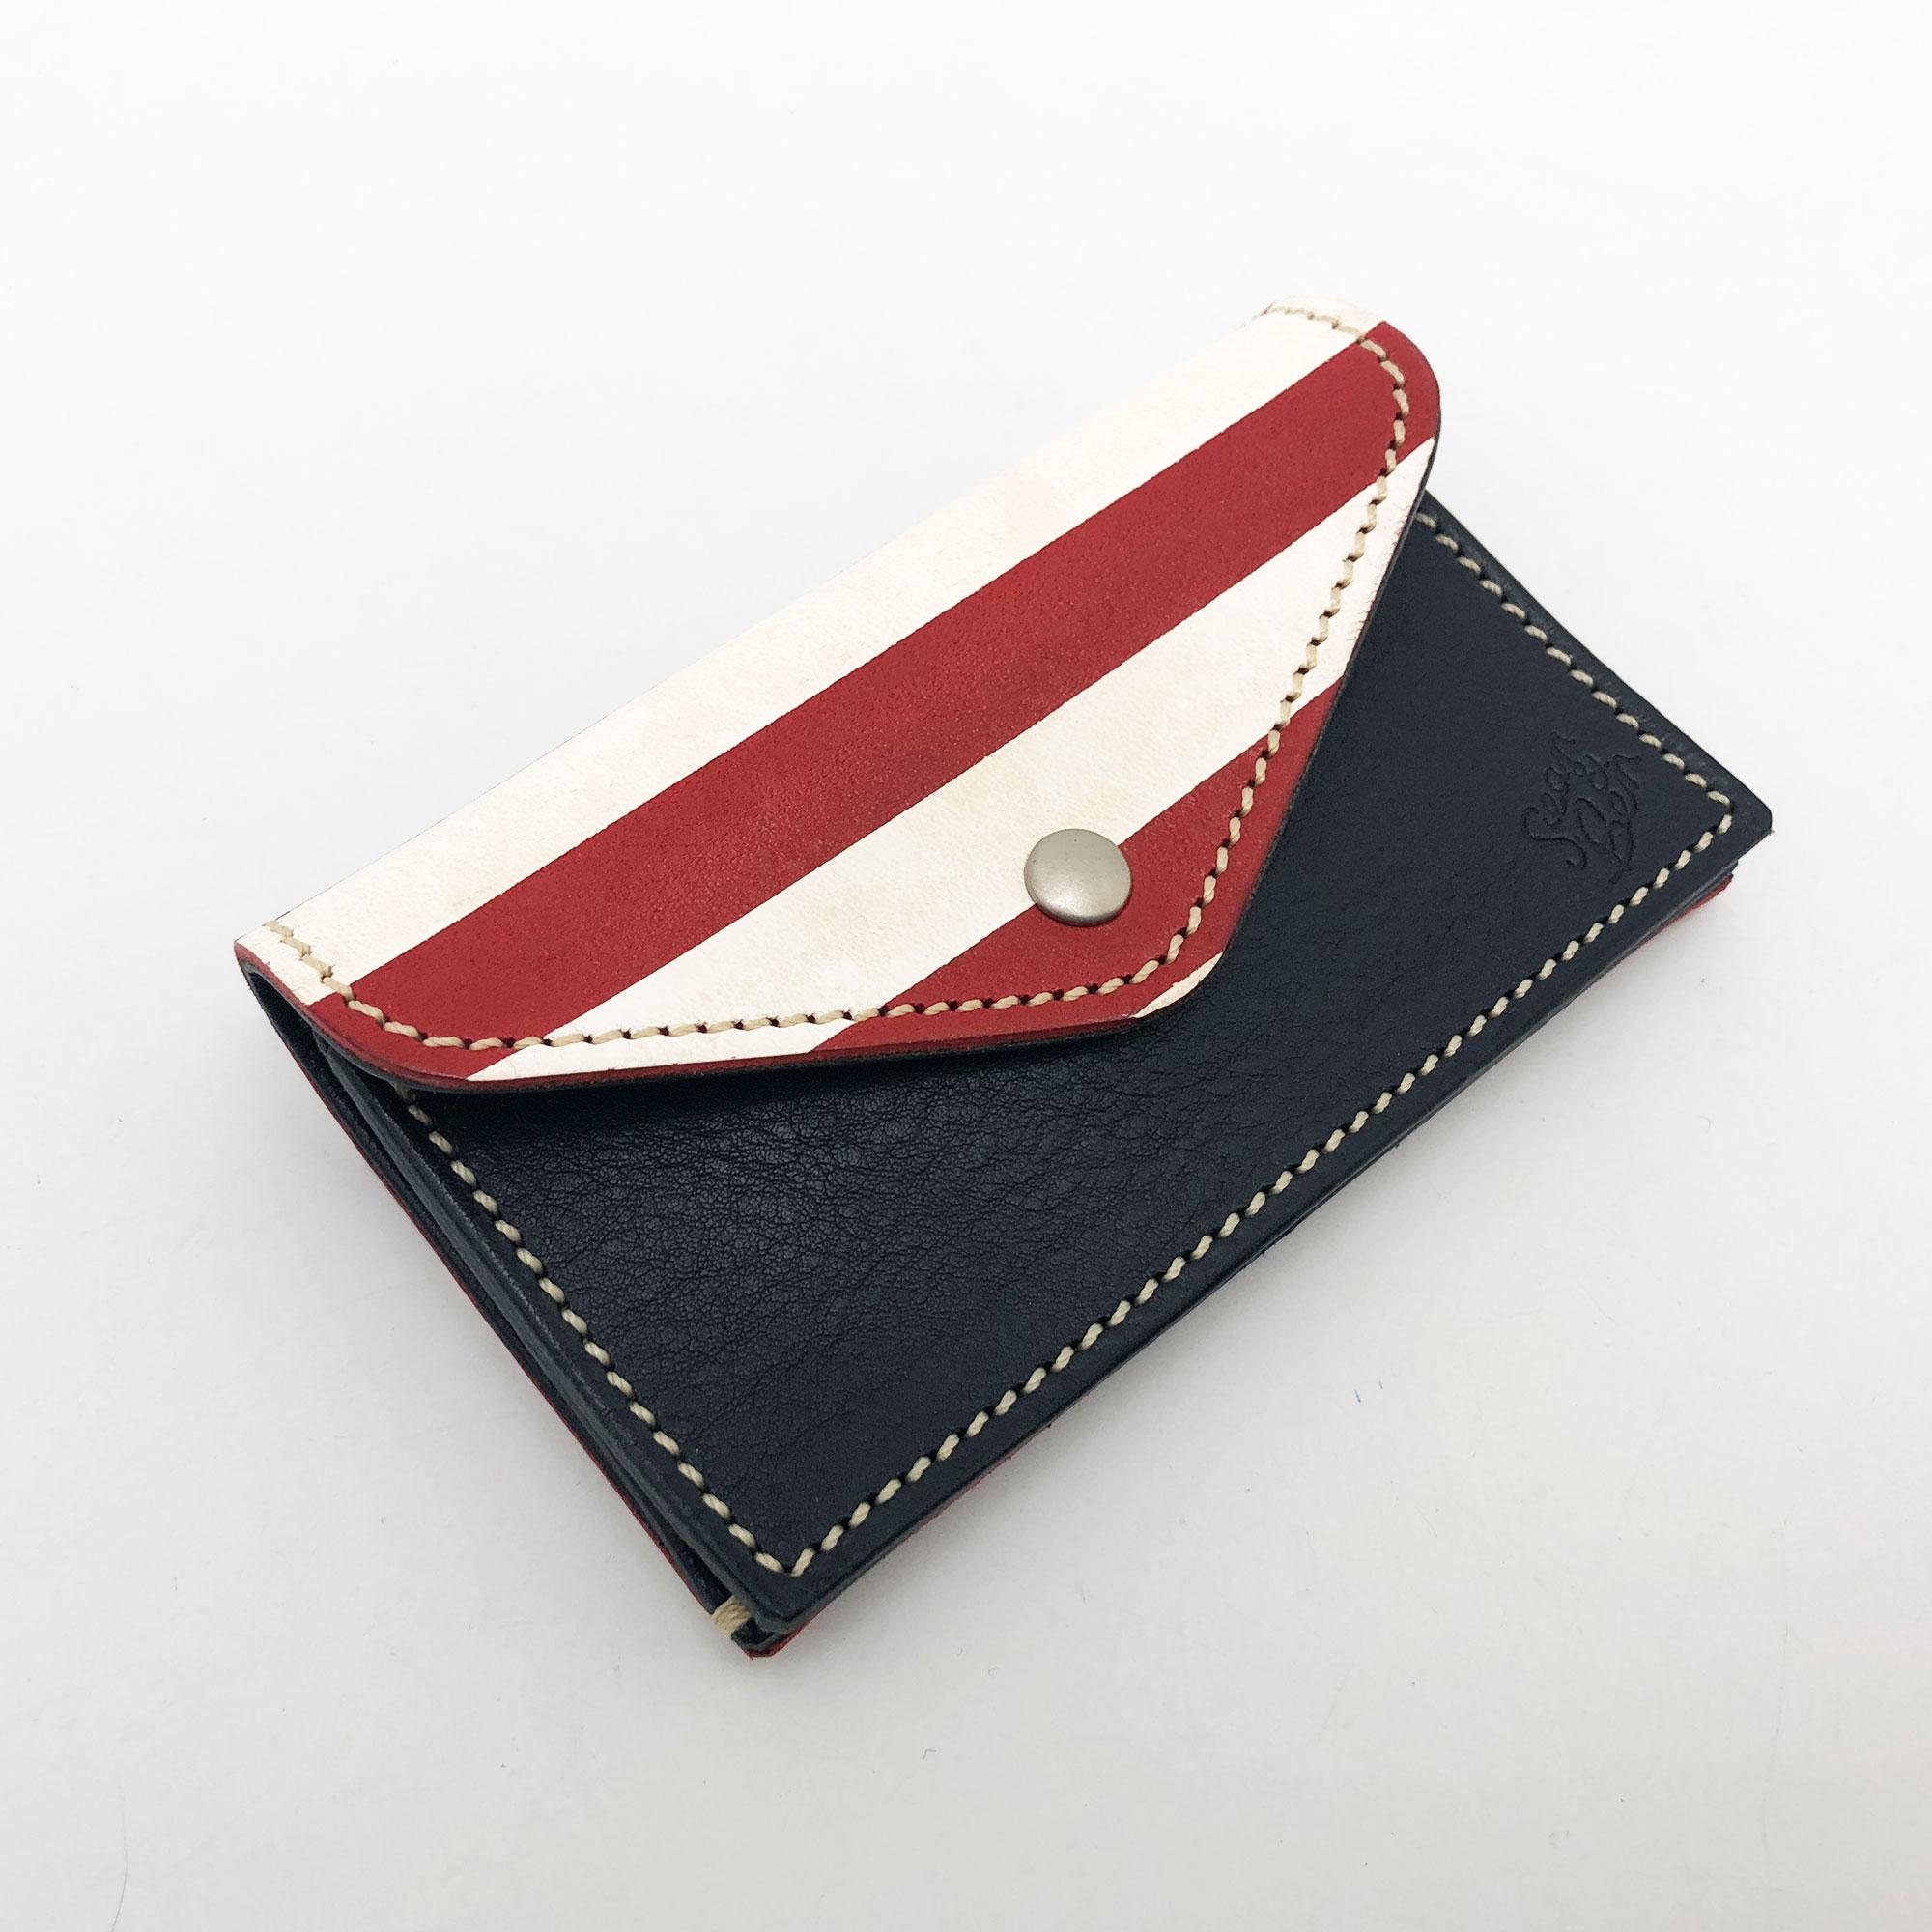 コンパクトなのに小銭もお札もカードも収納出来てしまうユーティリティウォレット。